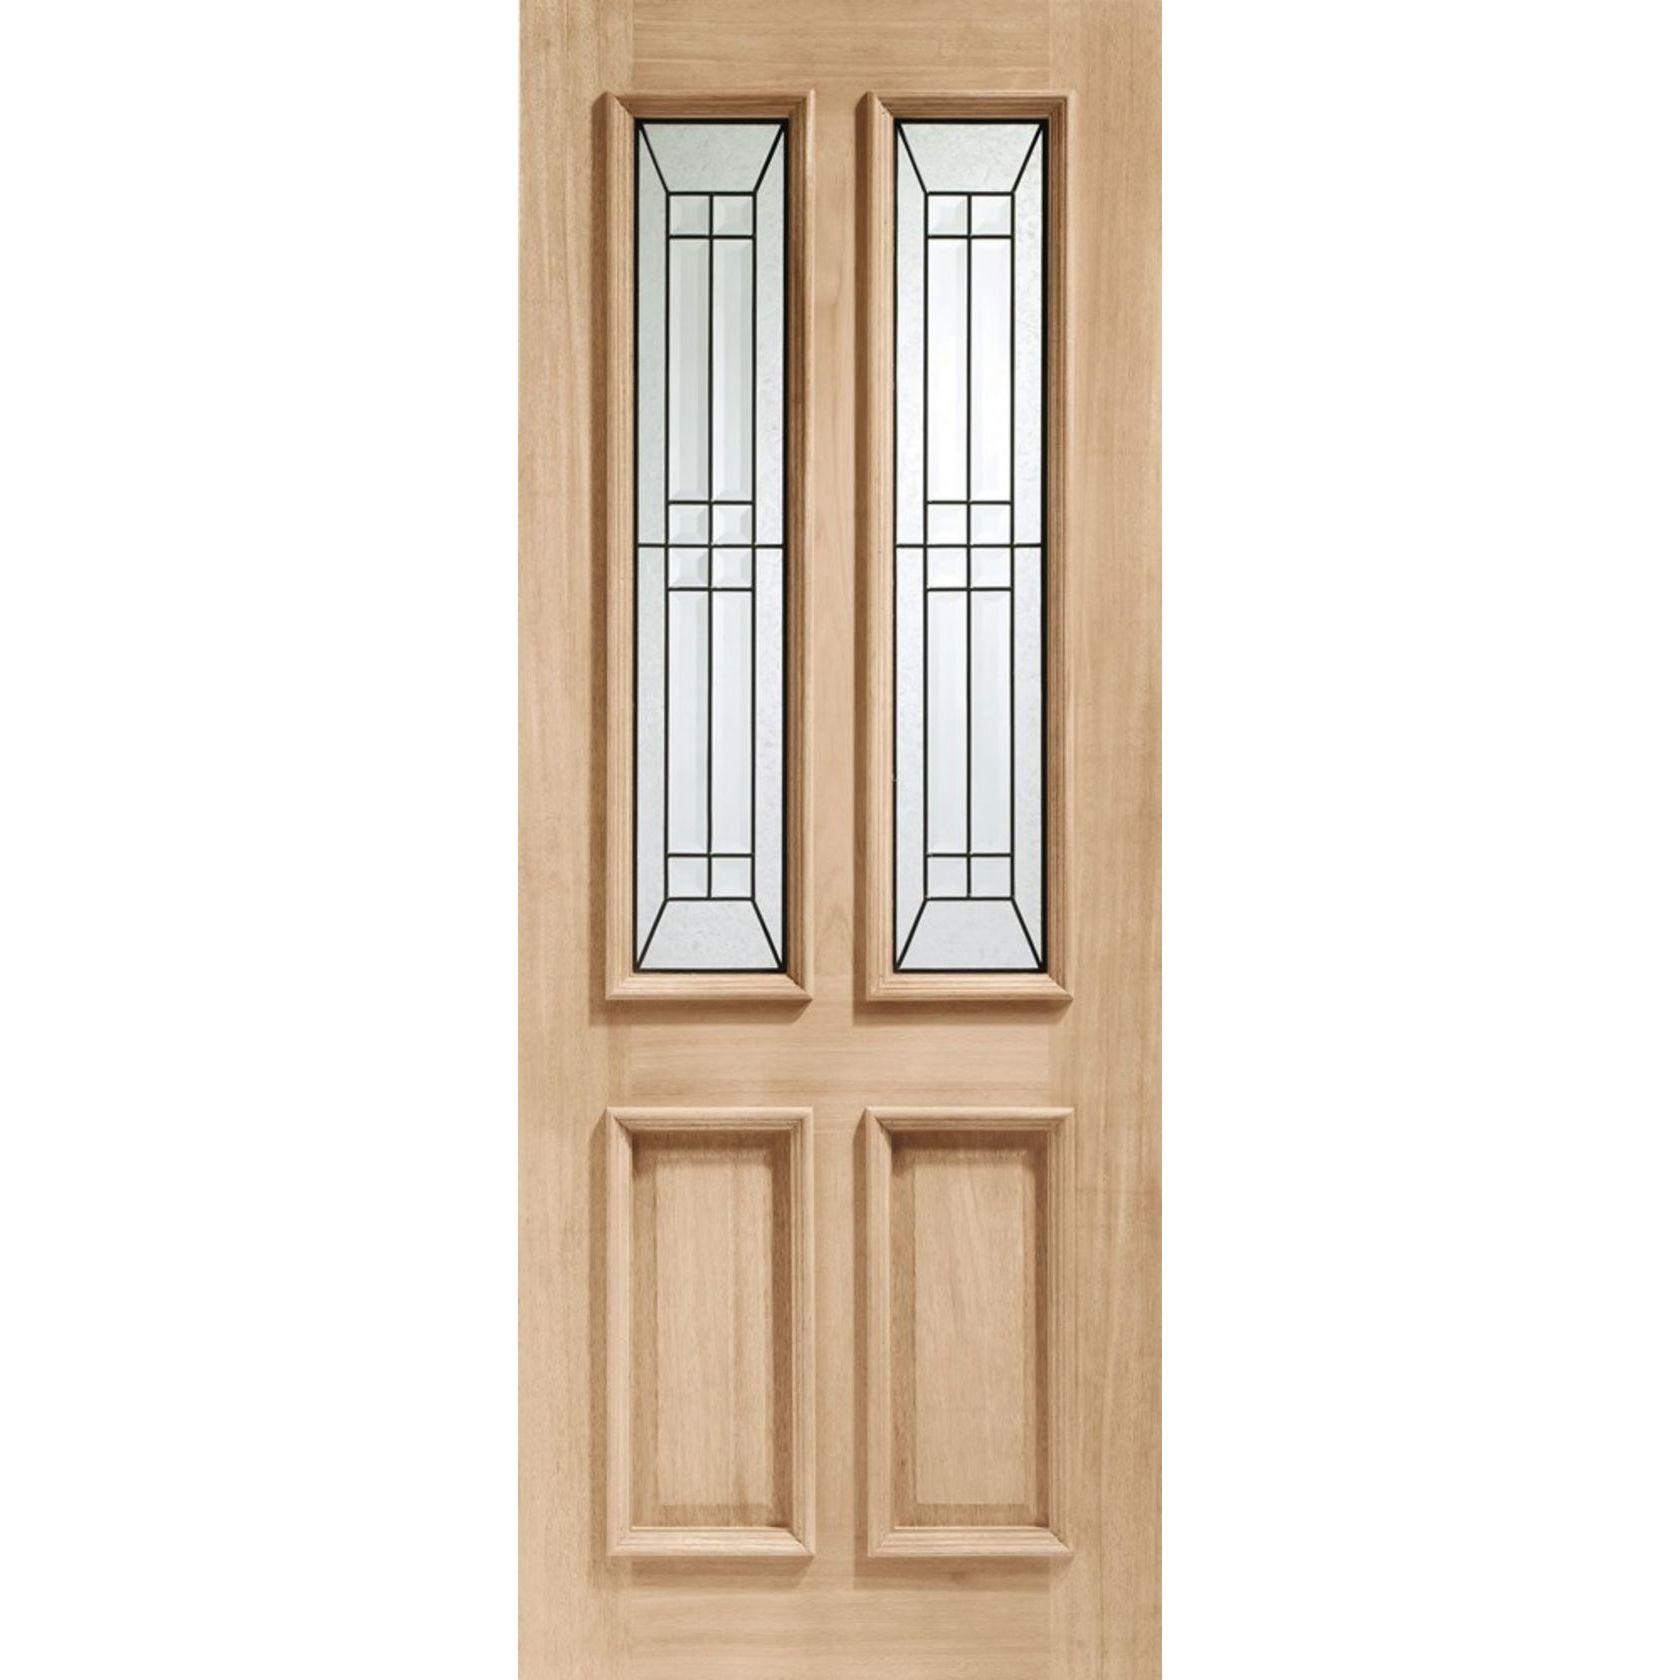 Malton Diamond Glazed Oak External Door ...  sc 1 st  JAS Timber & Malton Diamond Triple-Glazed Oak External XL Joinery Doors